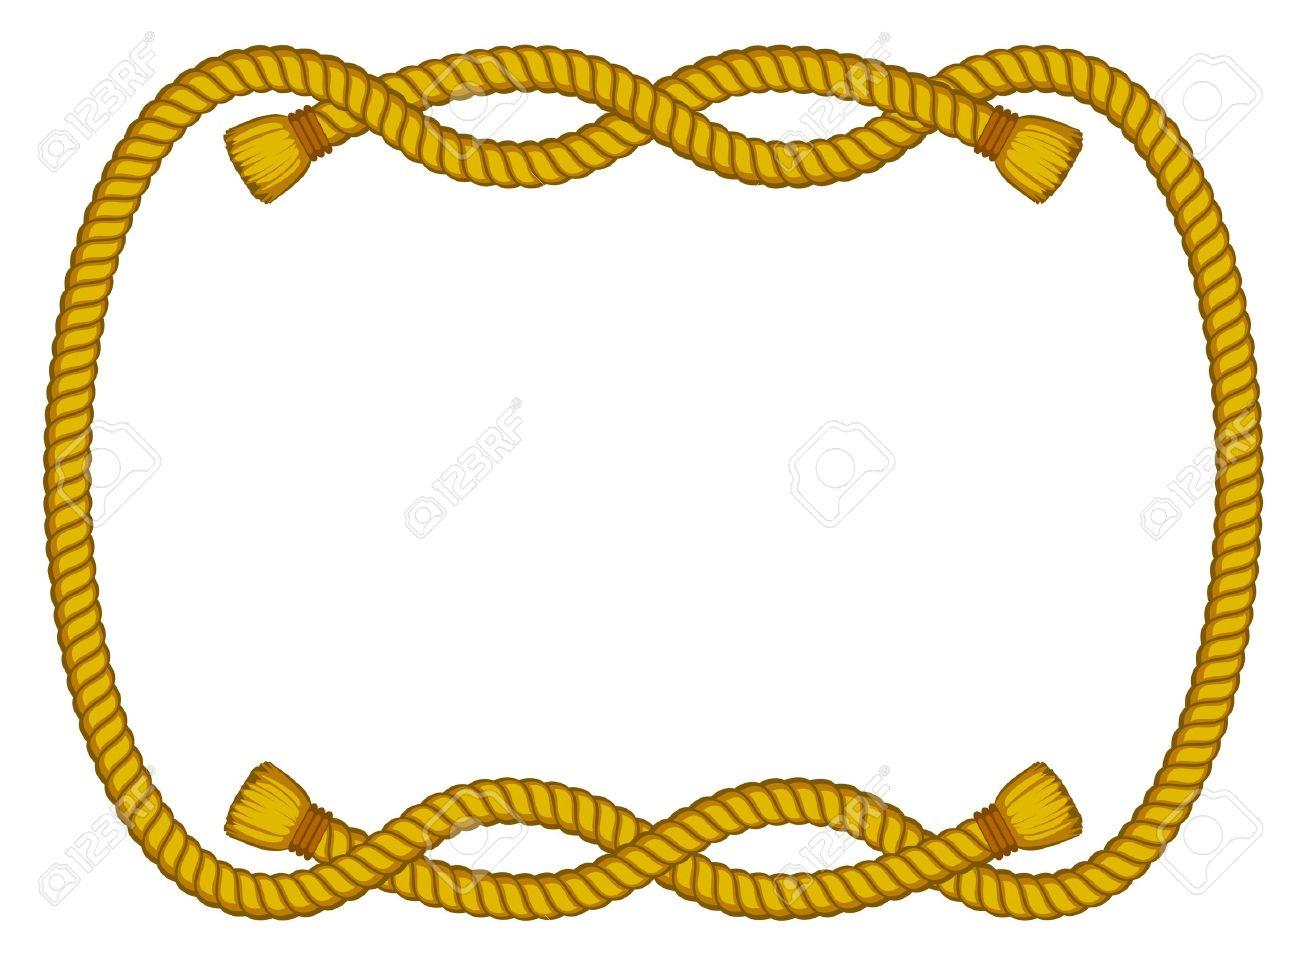 Vektor-Rahmen Aus Seil Isoliert Auf Weiß Lizenzfrei Nutzbare ...